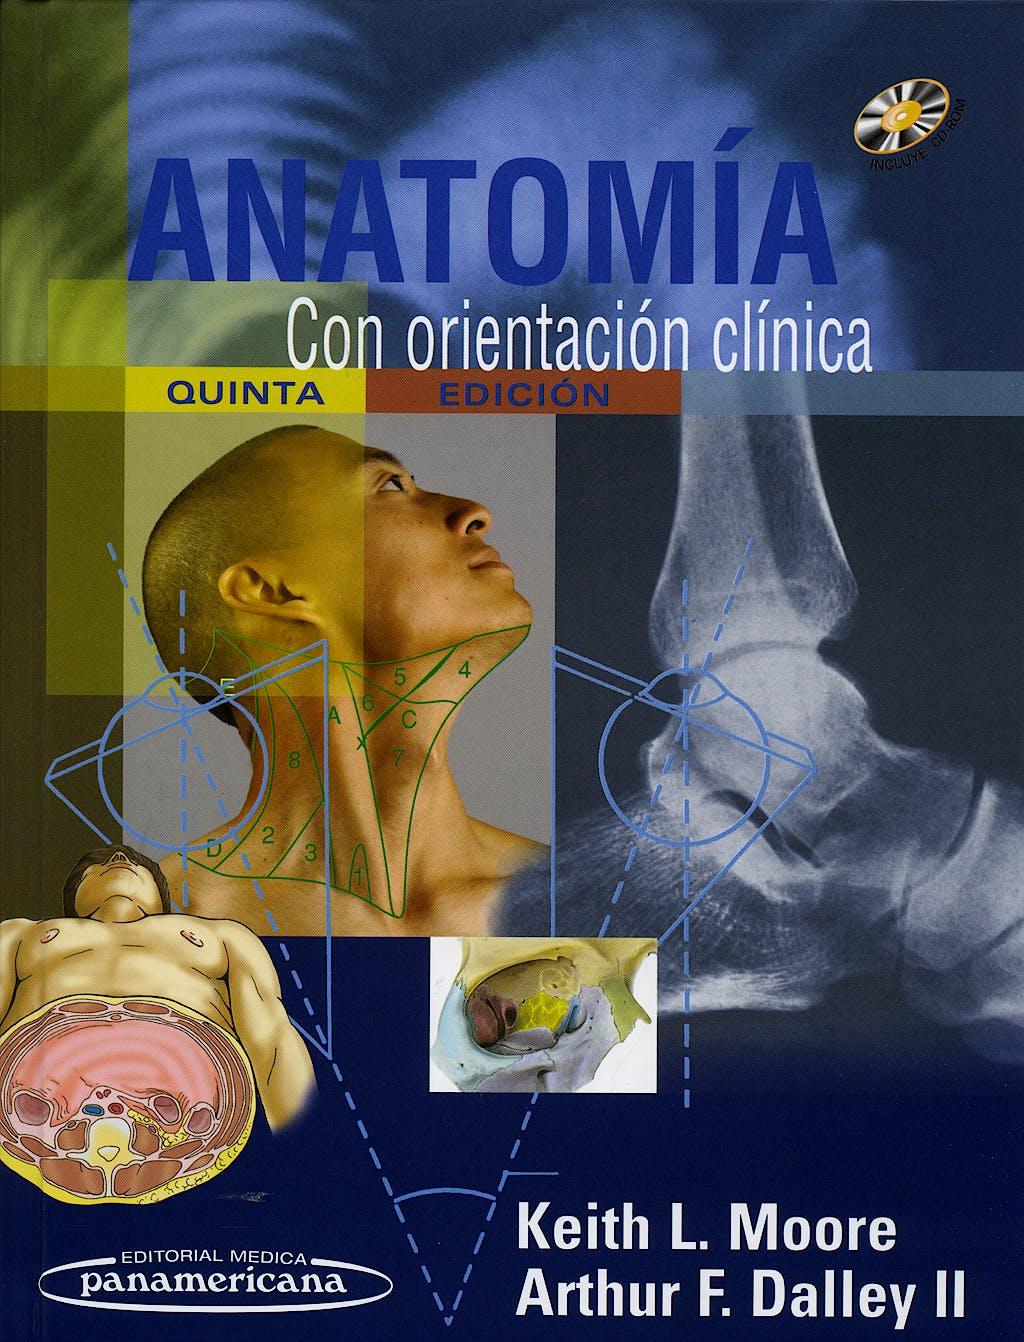 Producto: Anatomia con Orientacion Clinica